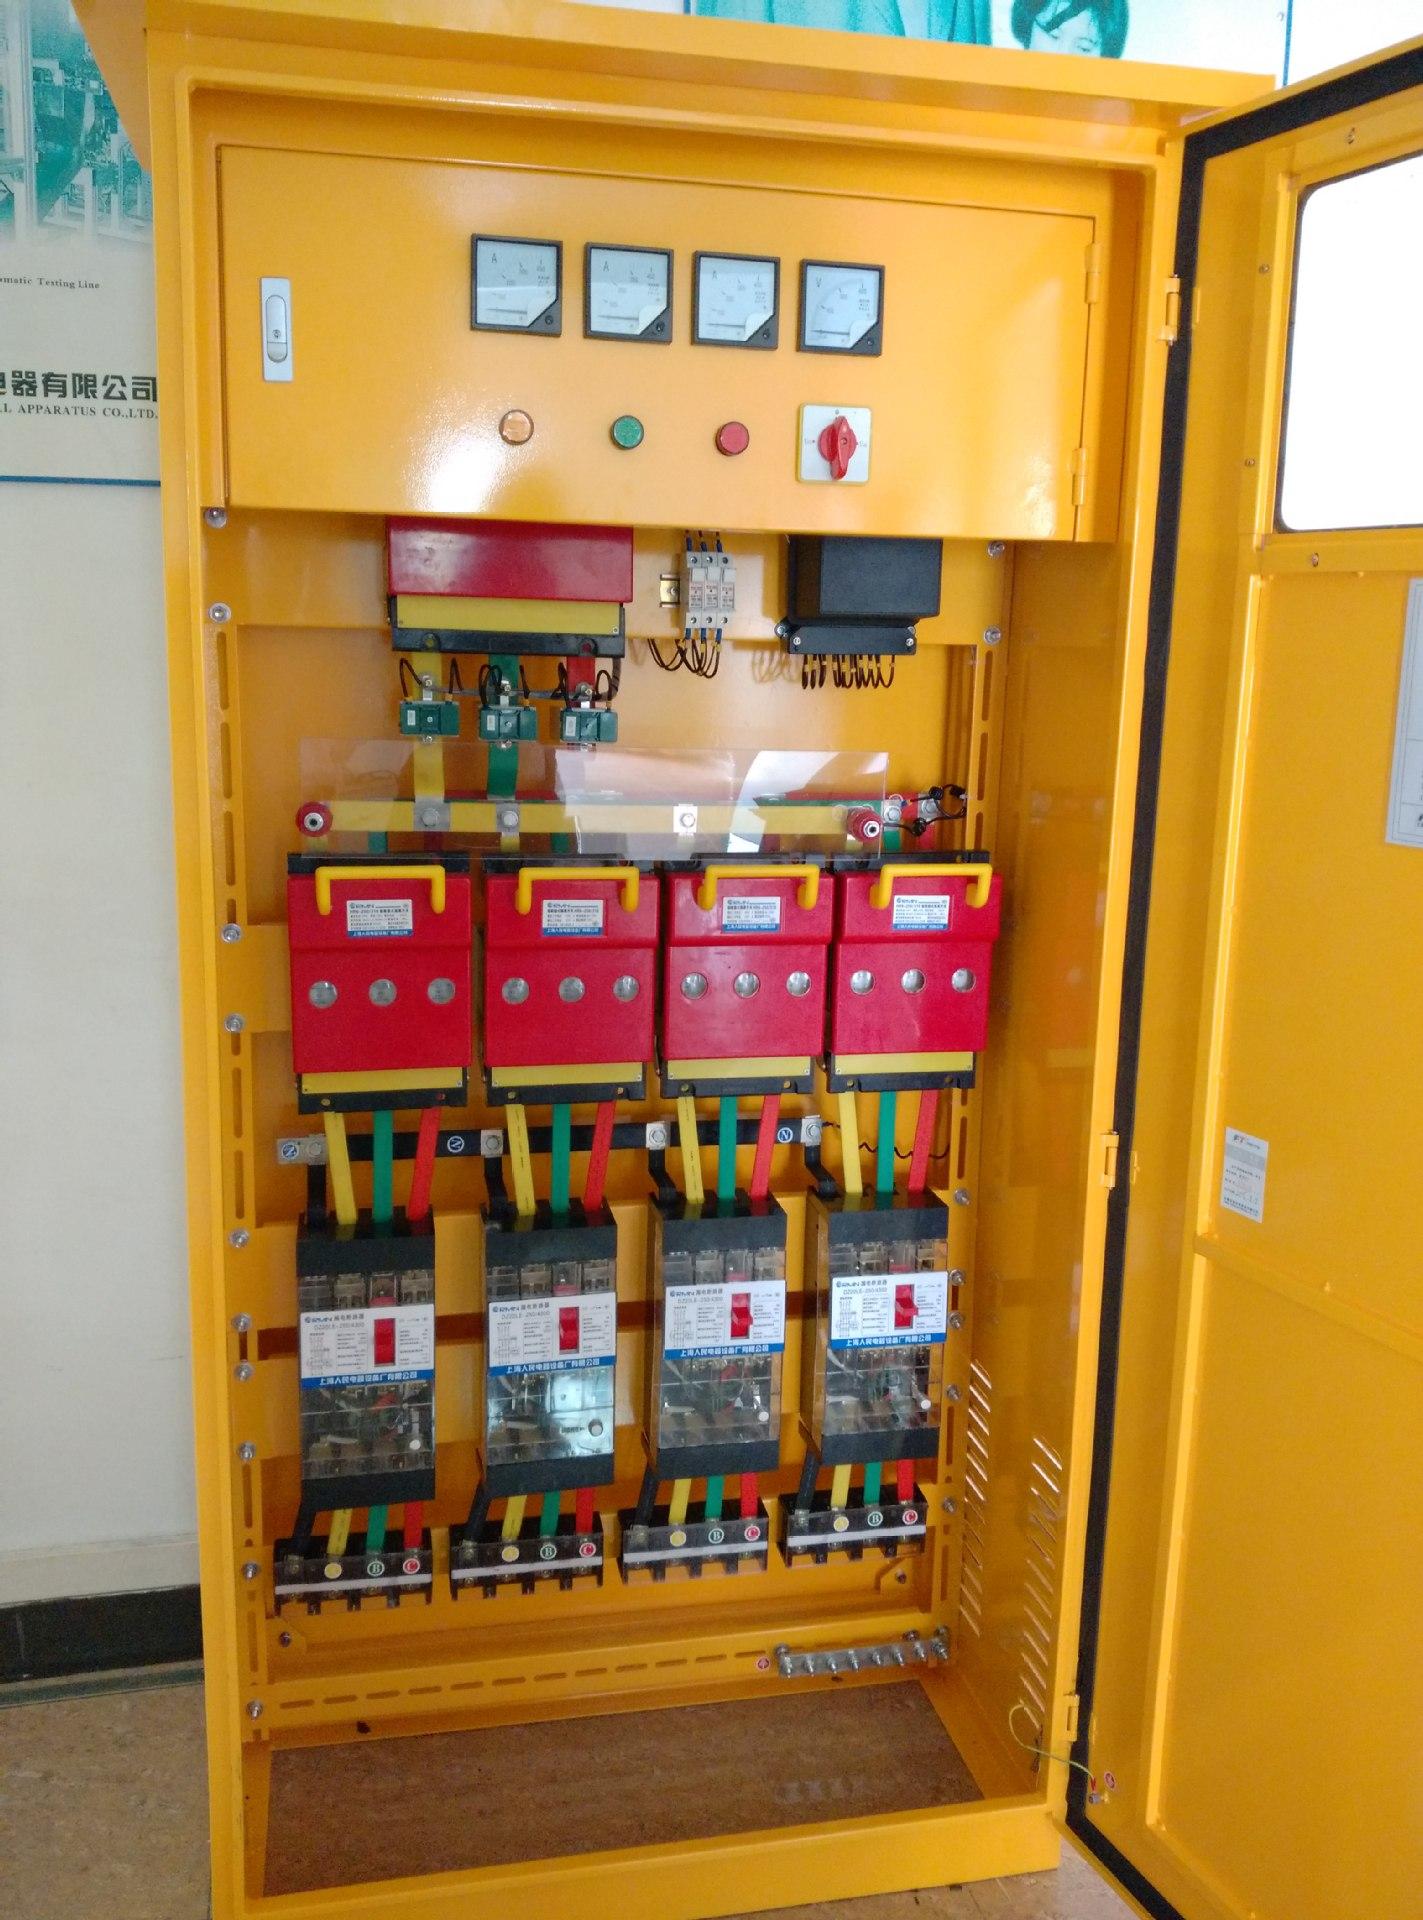 工厂机房工程施工一级二级三级配电柜